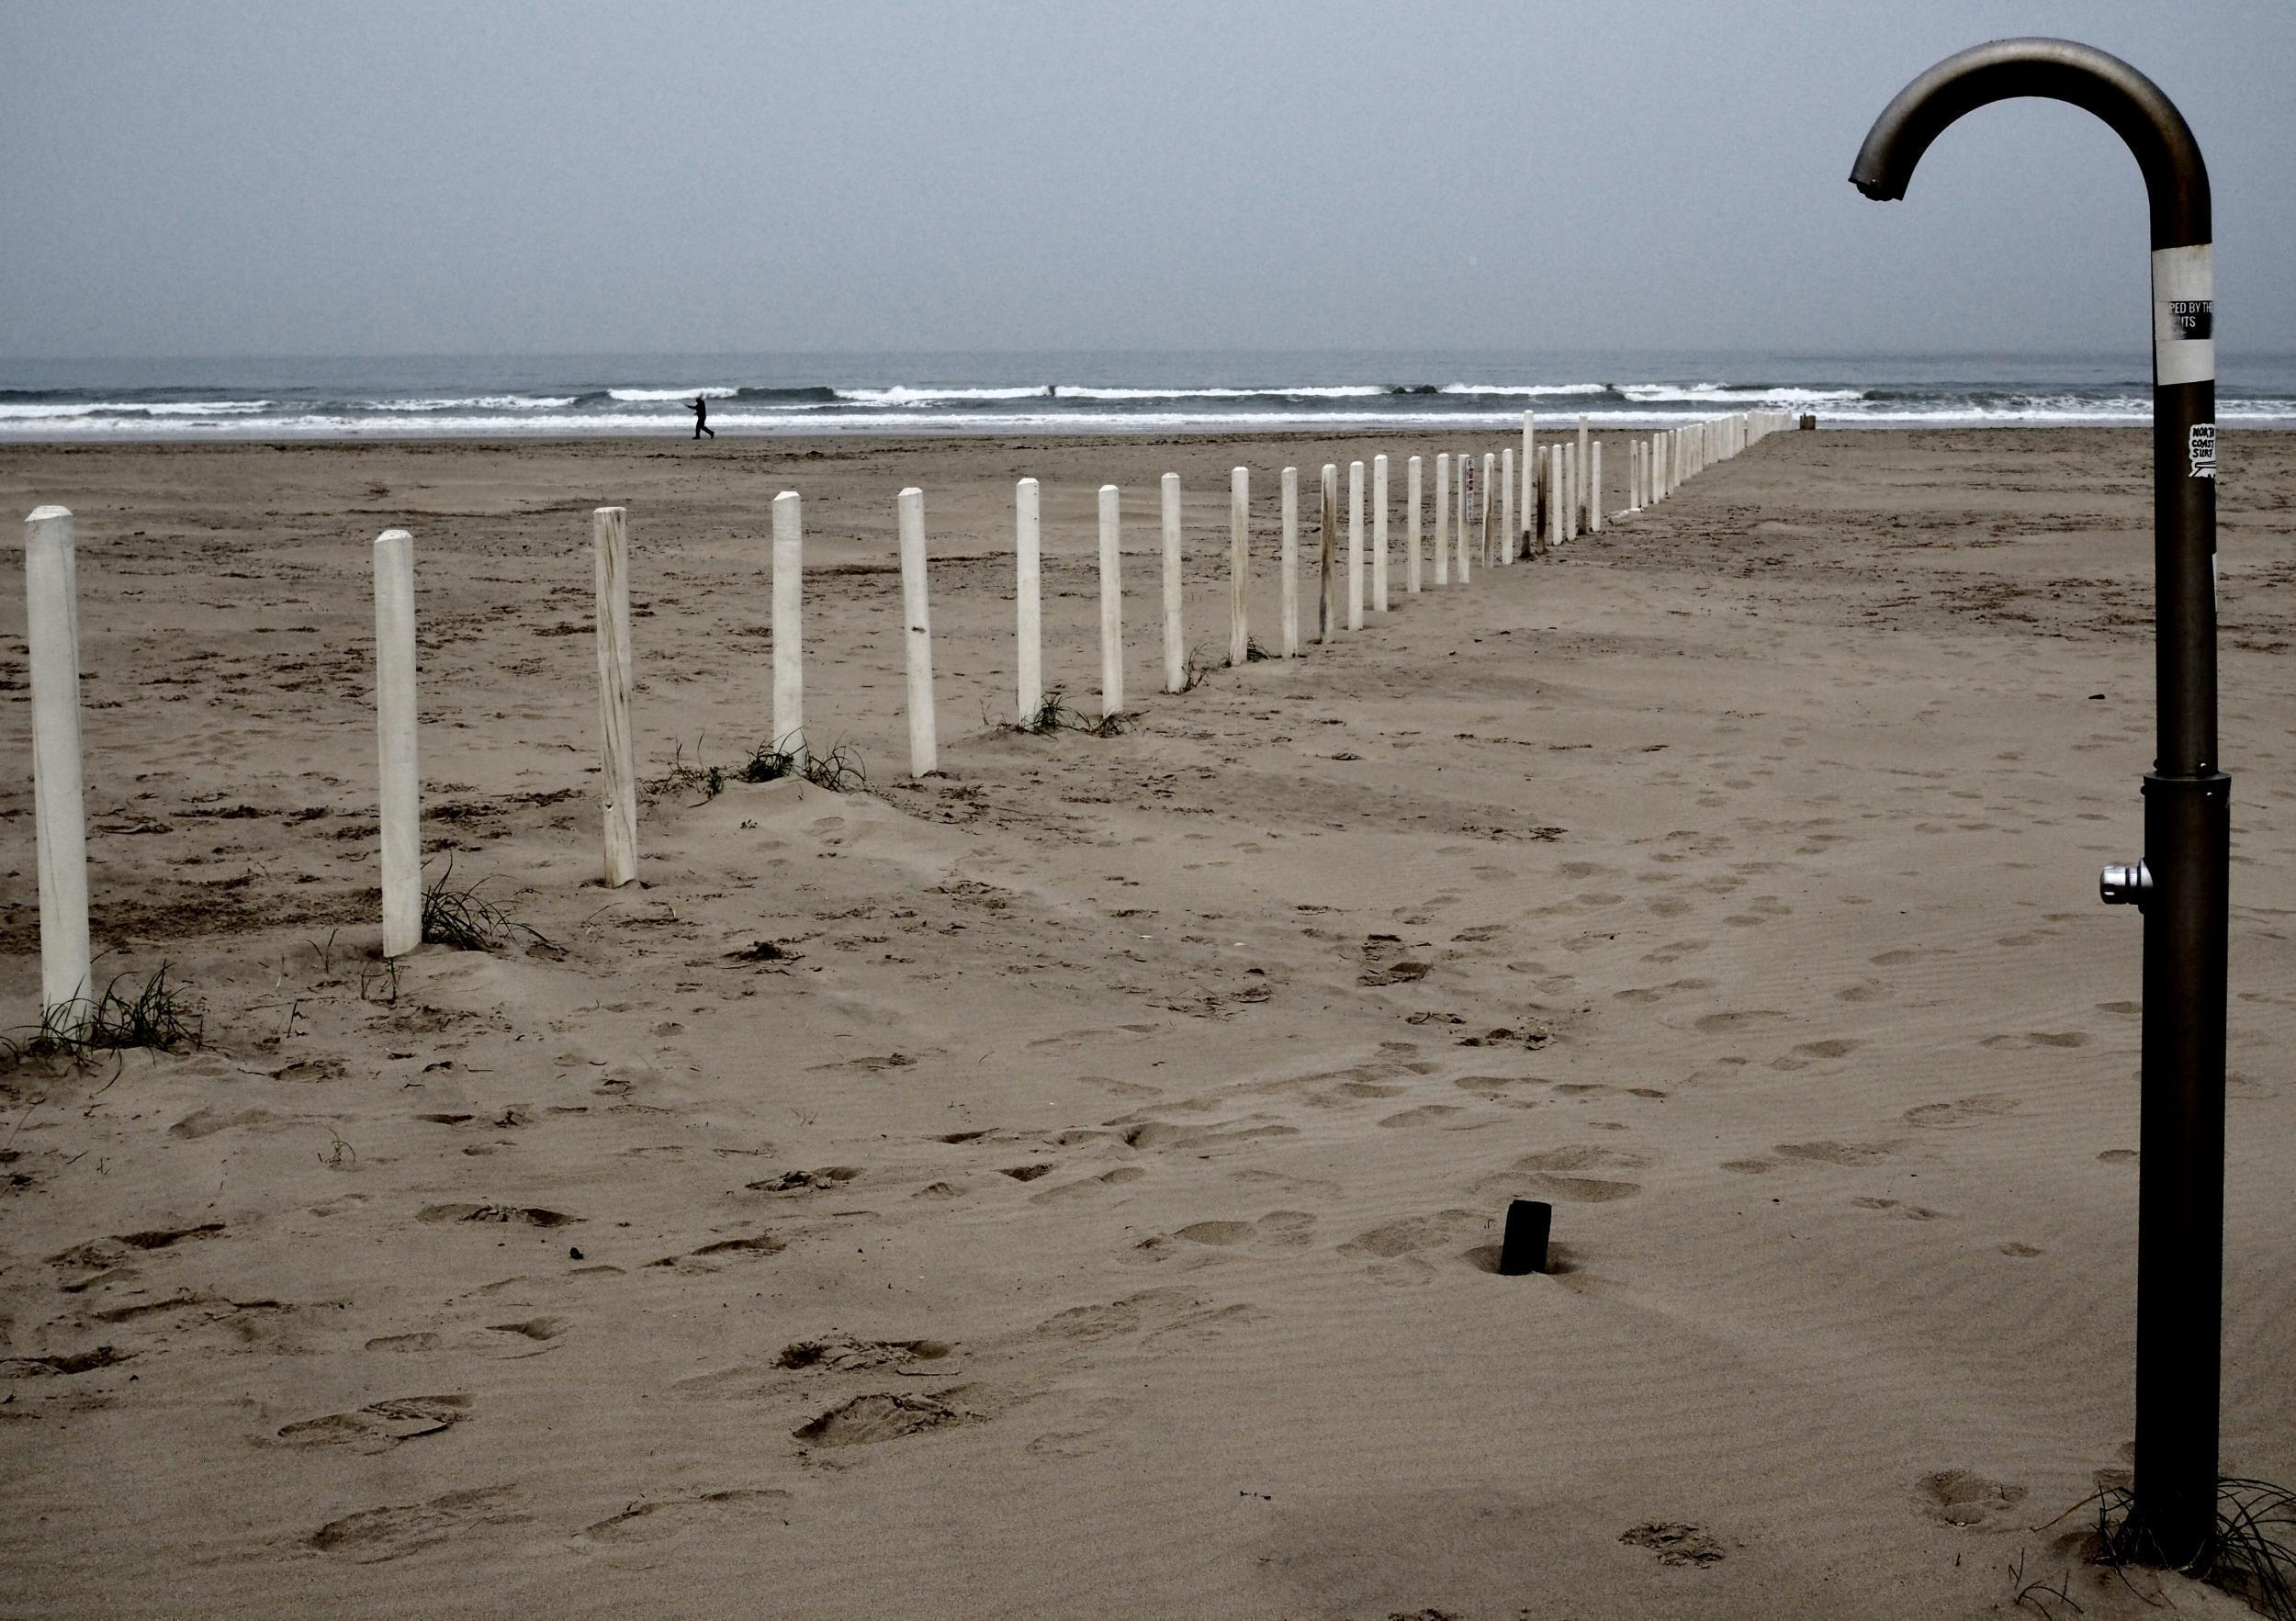 Castlerock – A kihalt és majdnem teljesen üres parton lábnyomok láthatóak. A zuhanyzóval le lehet mosni a homokot, amit egy titokzatos határ oszt ketté. (Richard Morgan / The Independent)